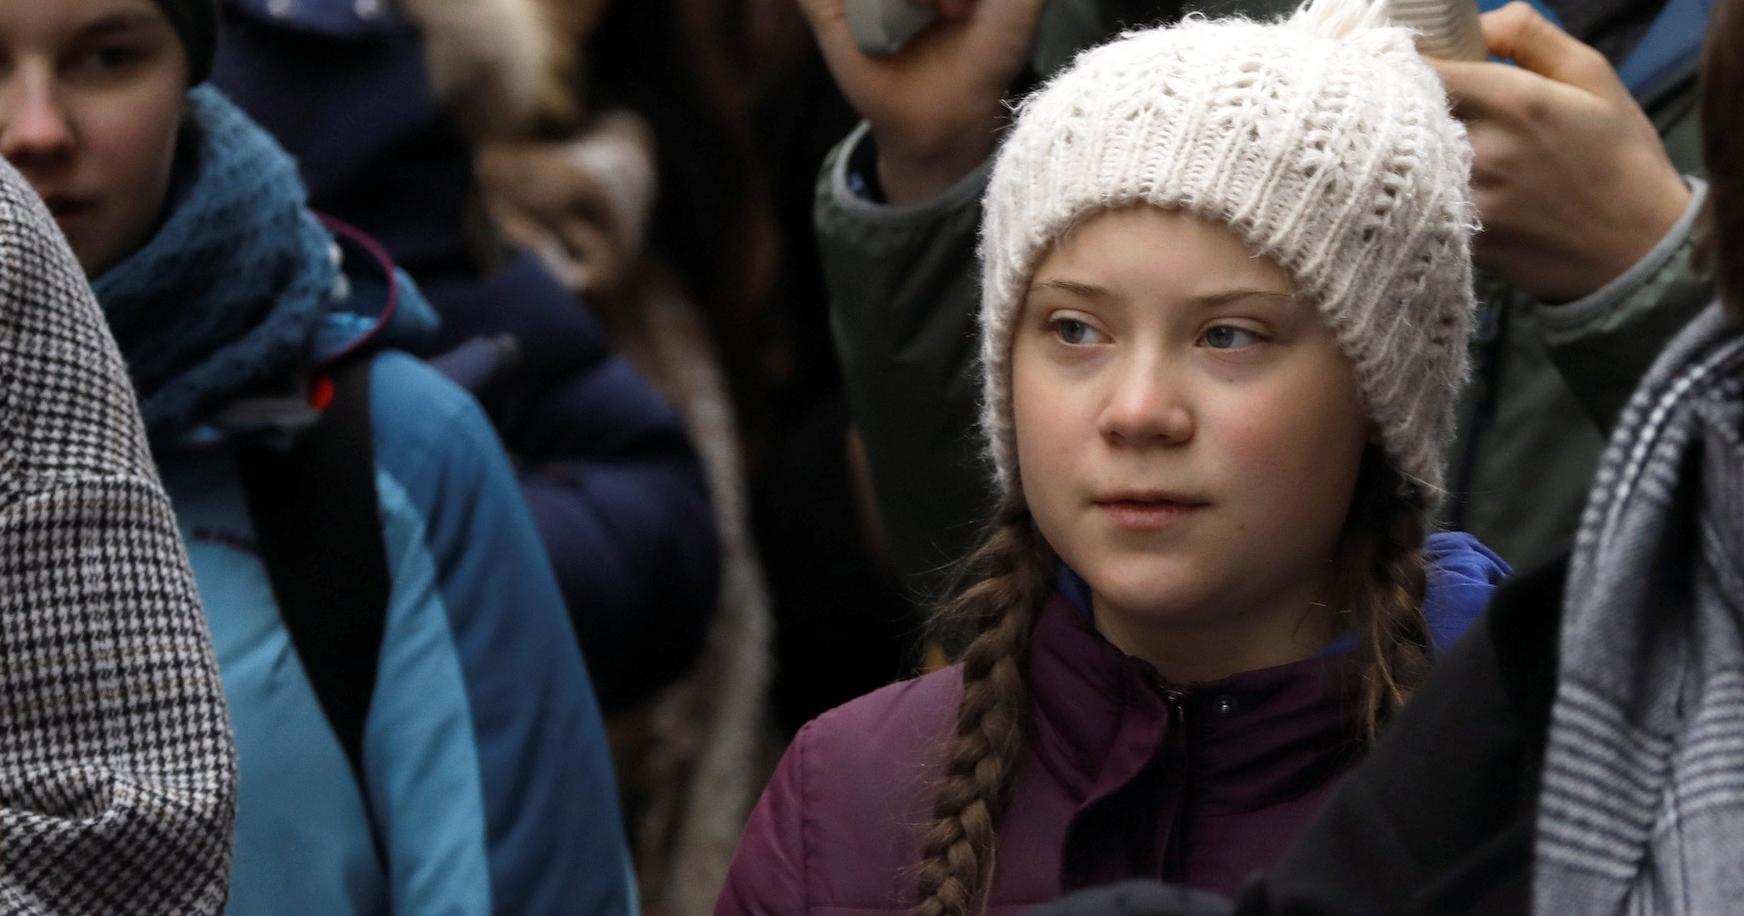 Greta Thunberg Facebook: Il Futuro Del Pianeta è Nelle Mani Di Greta Thunberg E Di